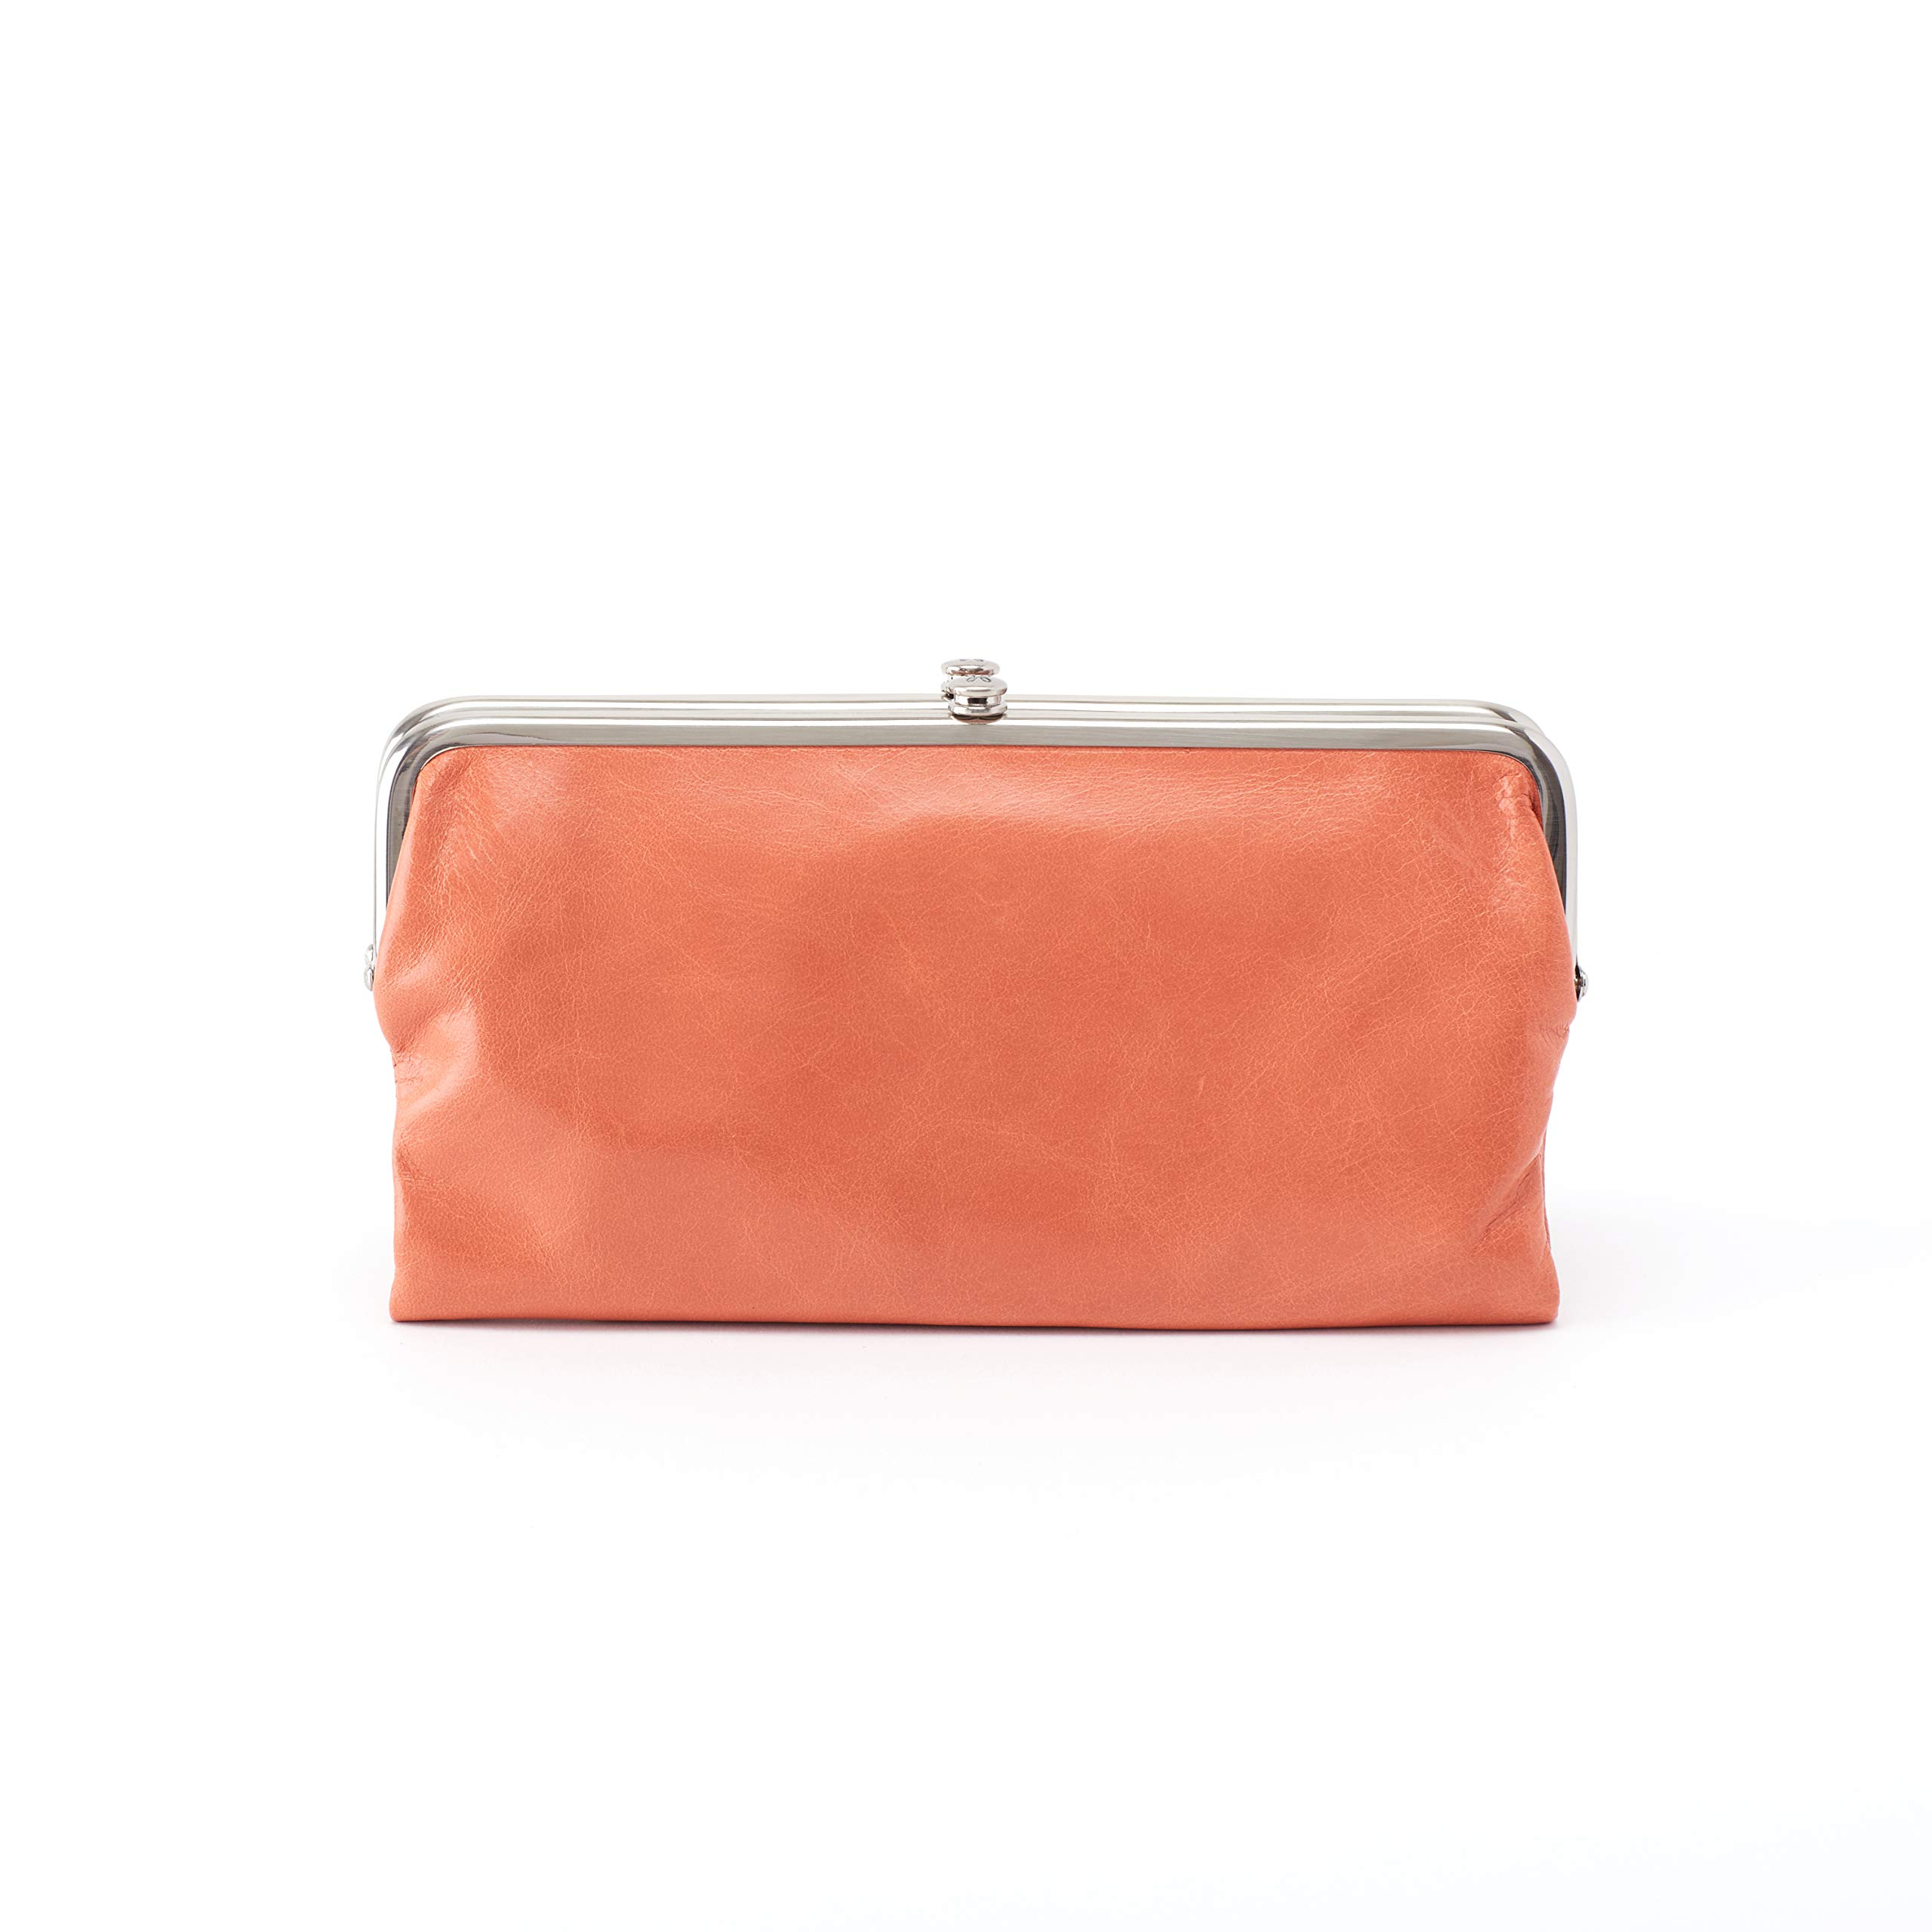 Hobo Womens Lauren Vintage Wallet Clutch Purse (Dusty Coral)